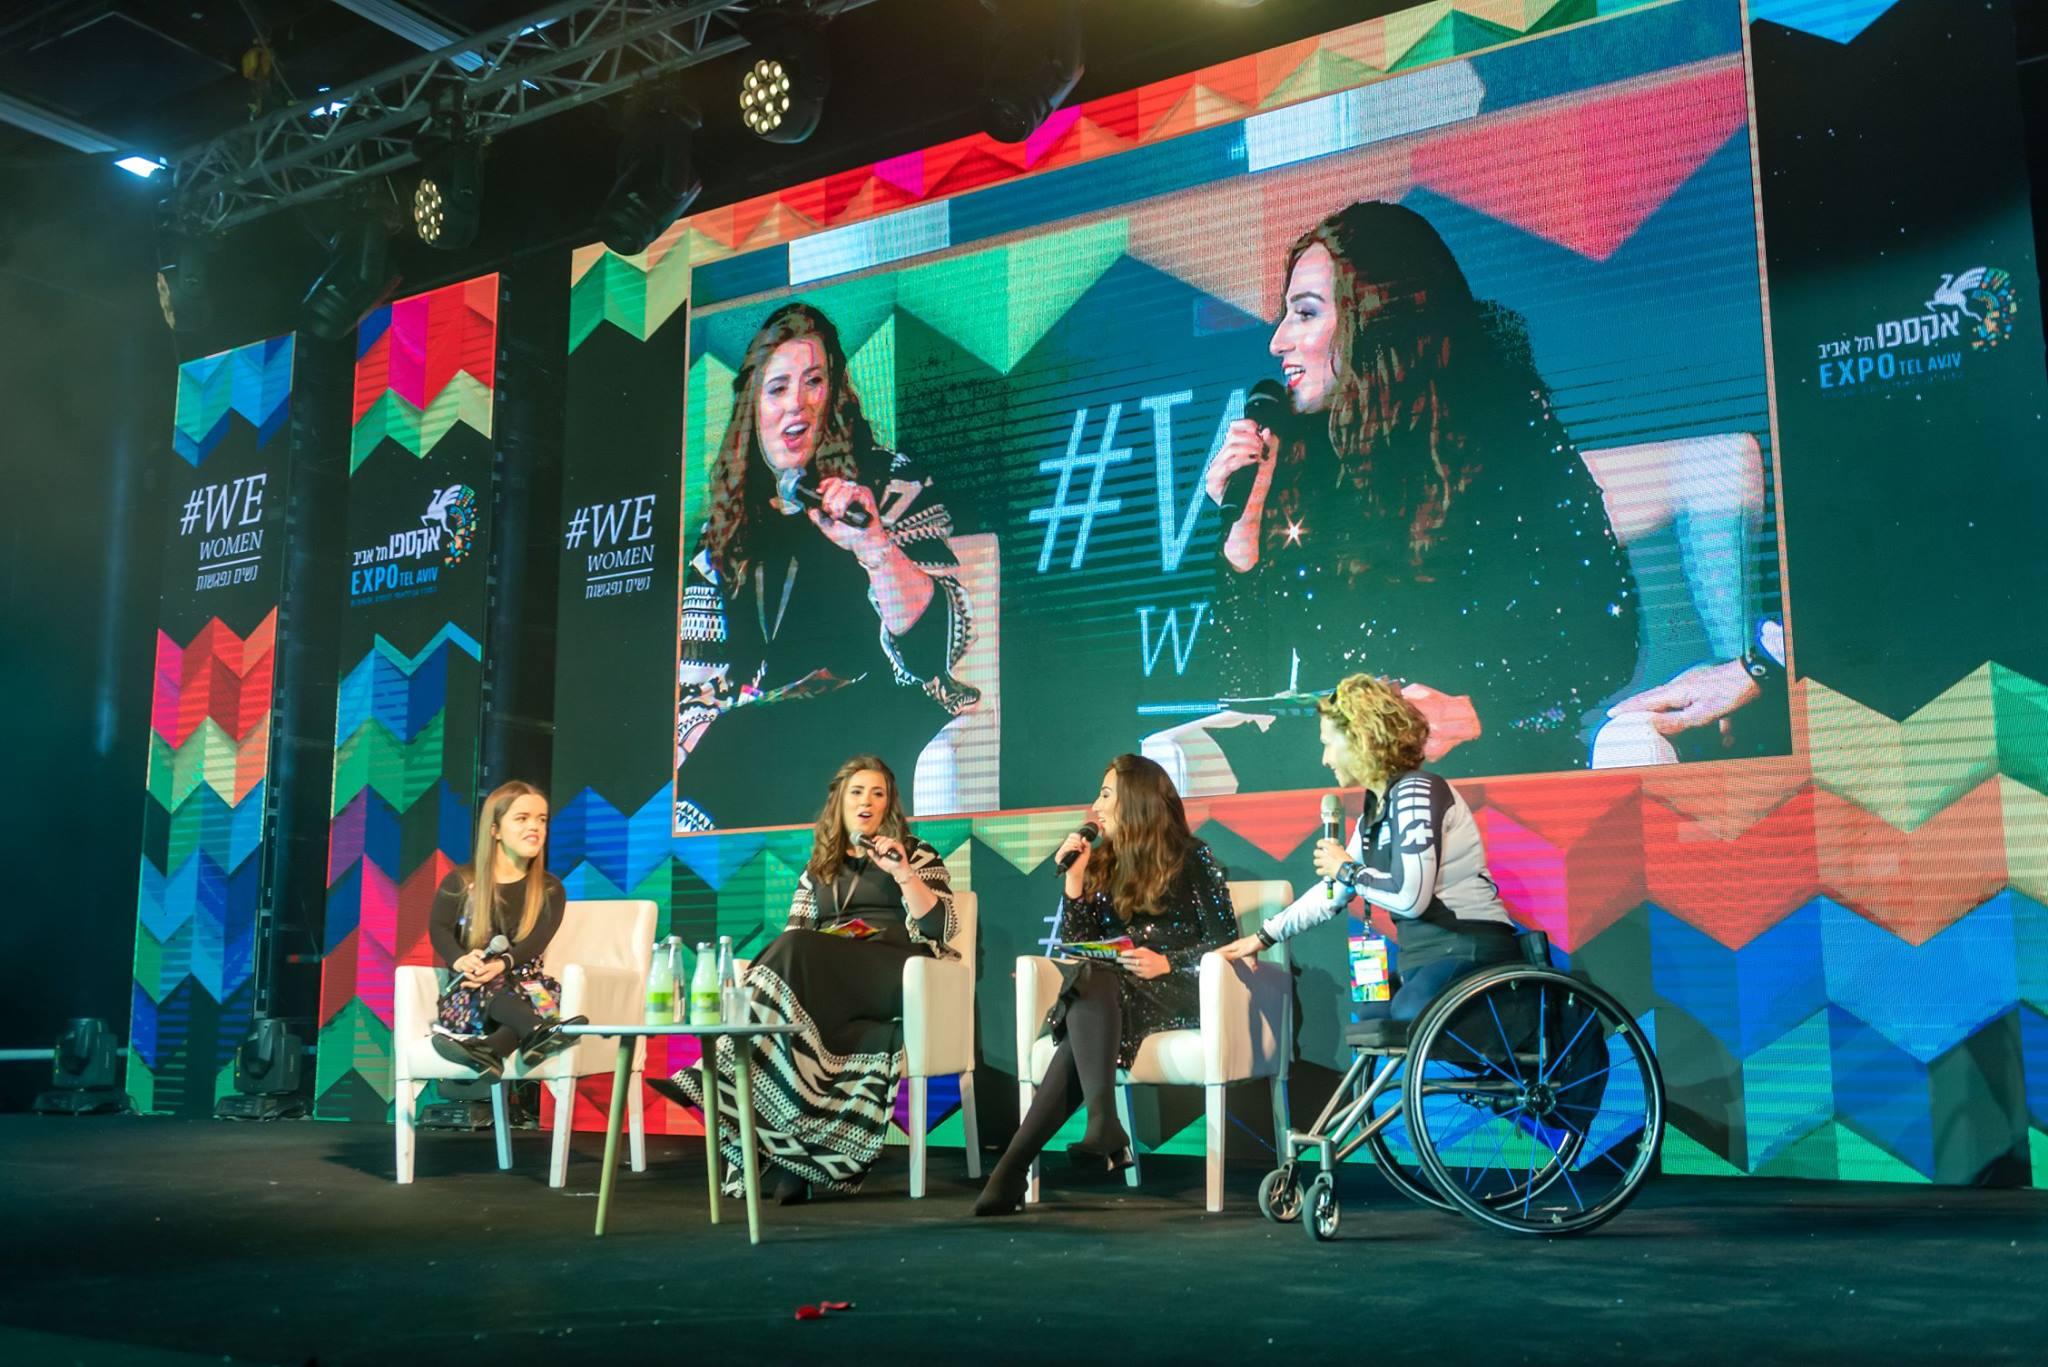 אירוע we_women#: כישלון ידוע מראש או הצלחה חרדית-פמיניסטית? 1